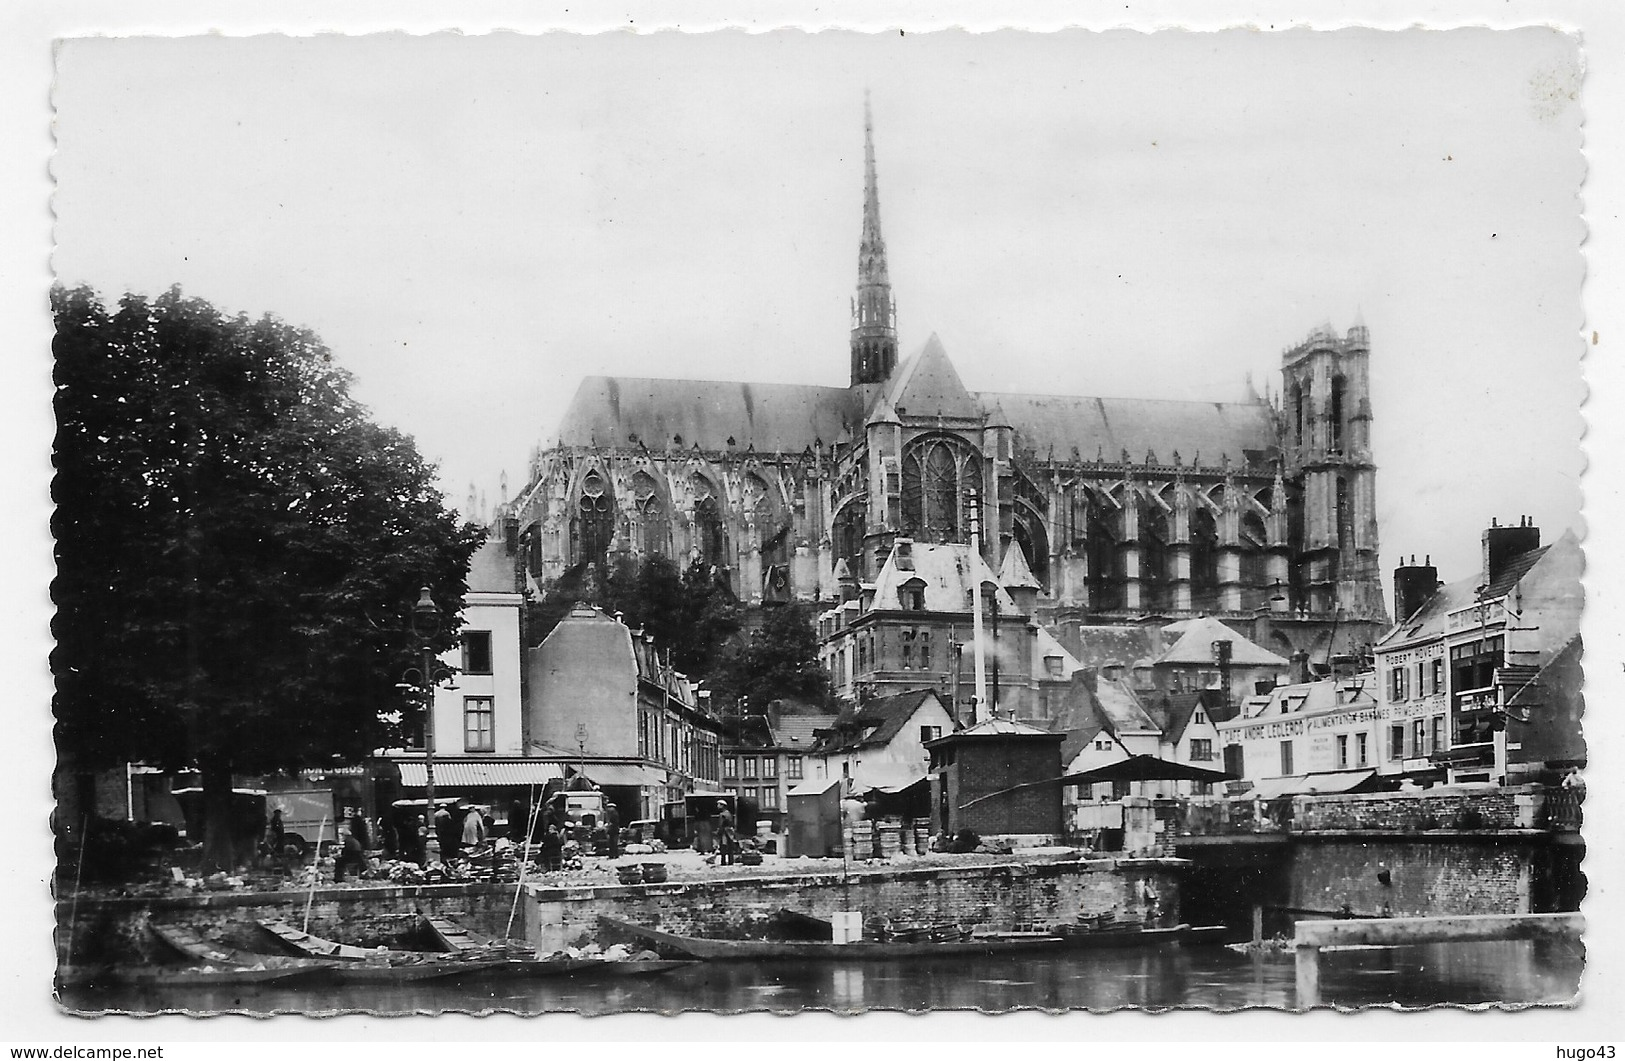 AMIENS - N° 10 - LA CATHEDRALE ET LE MARCHE SUR L' EAU - Cliché R. LELONG -  FORMAT CPA NON VOYAGEE - Amiens